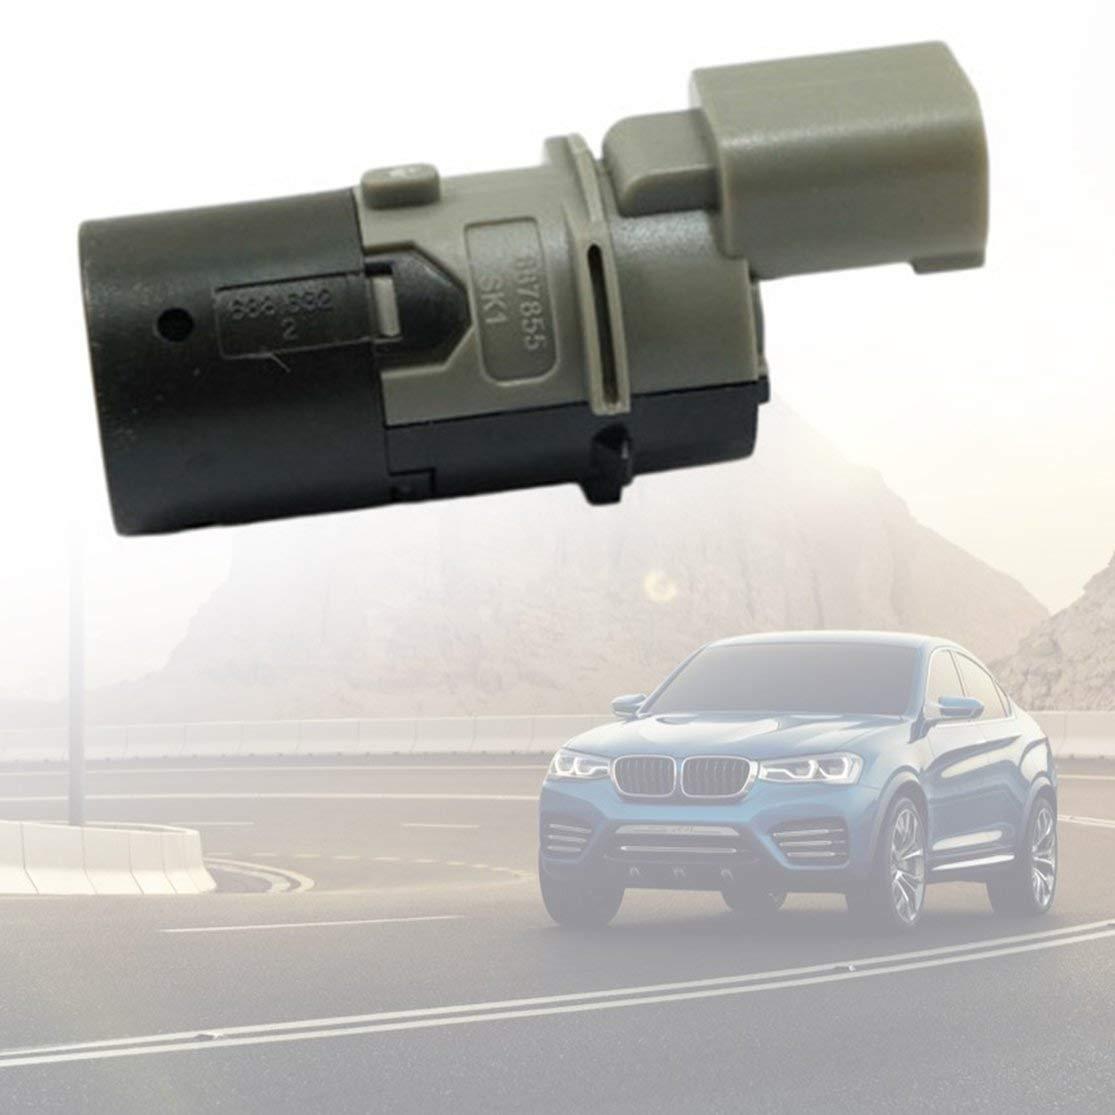 PDC Sensor de Aparcamiento Asistencia de Marcha atr/ás para BMW E39 E46 E60 E61 E65 E66 E3 X3 X5 Sensor de Radar Accesorio para autom/óvil Color: Negro